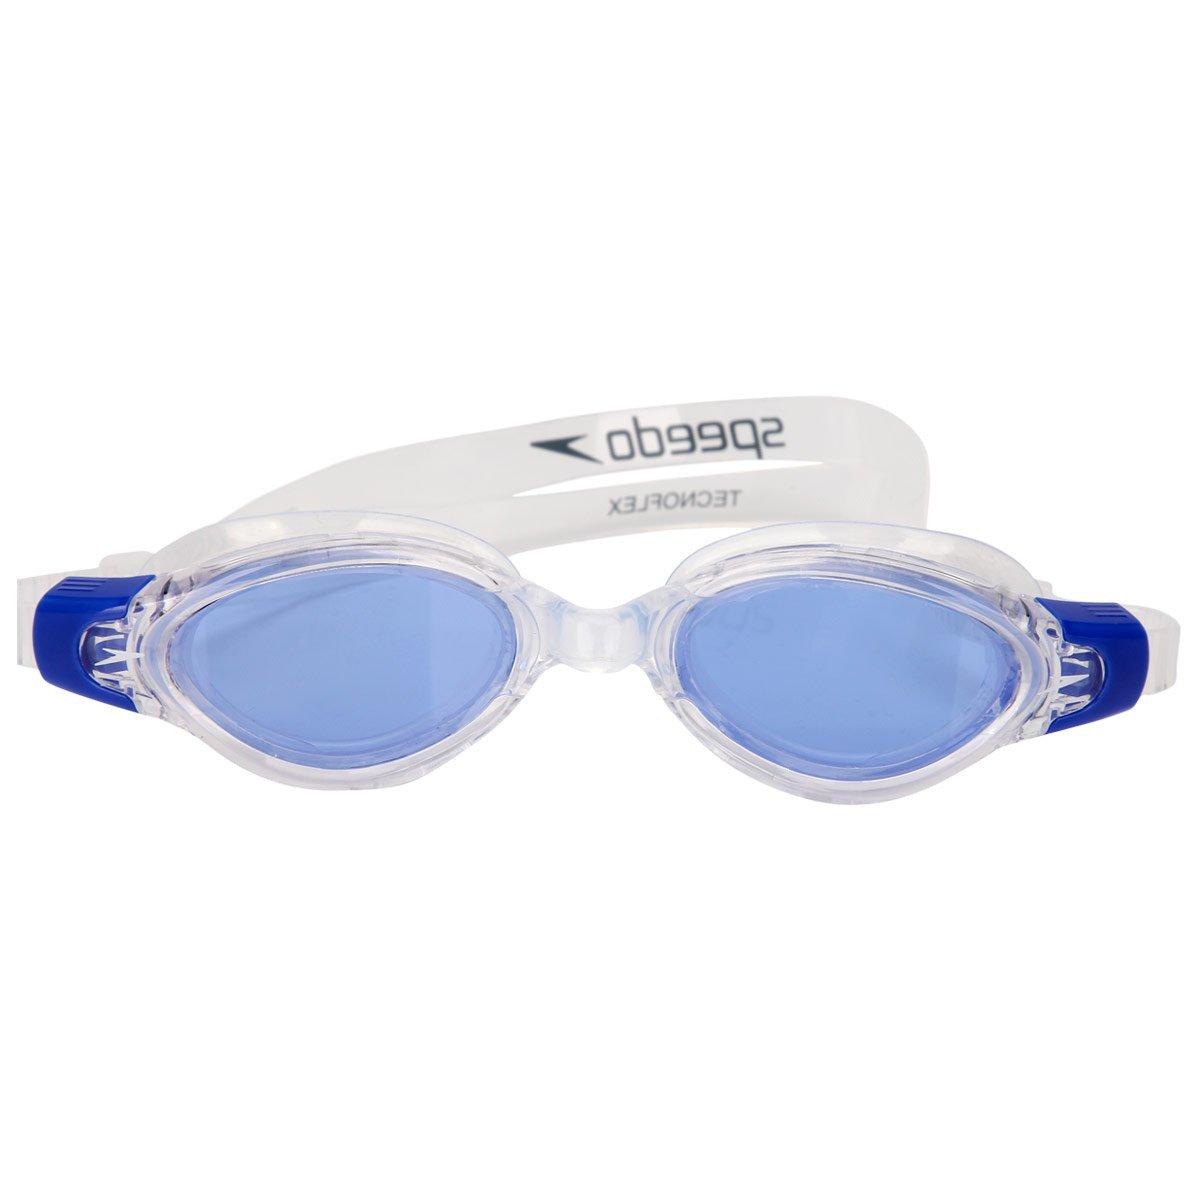 Óculos de Natação Speedo tecnoflex Transp/Azul